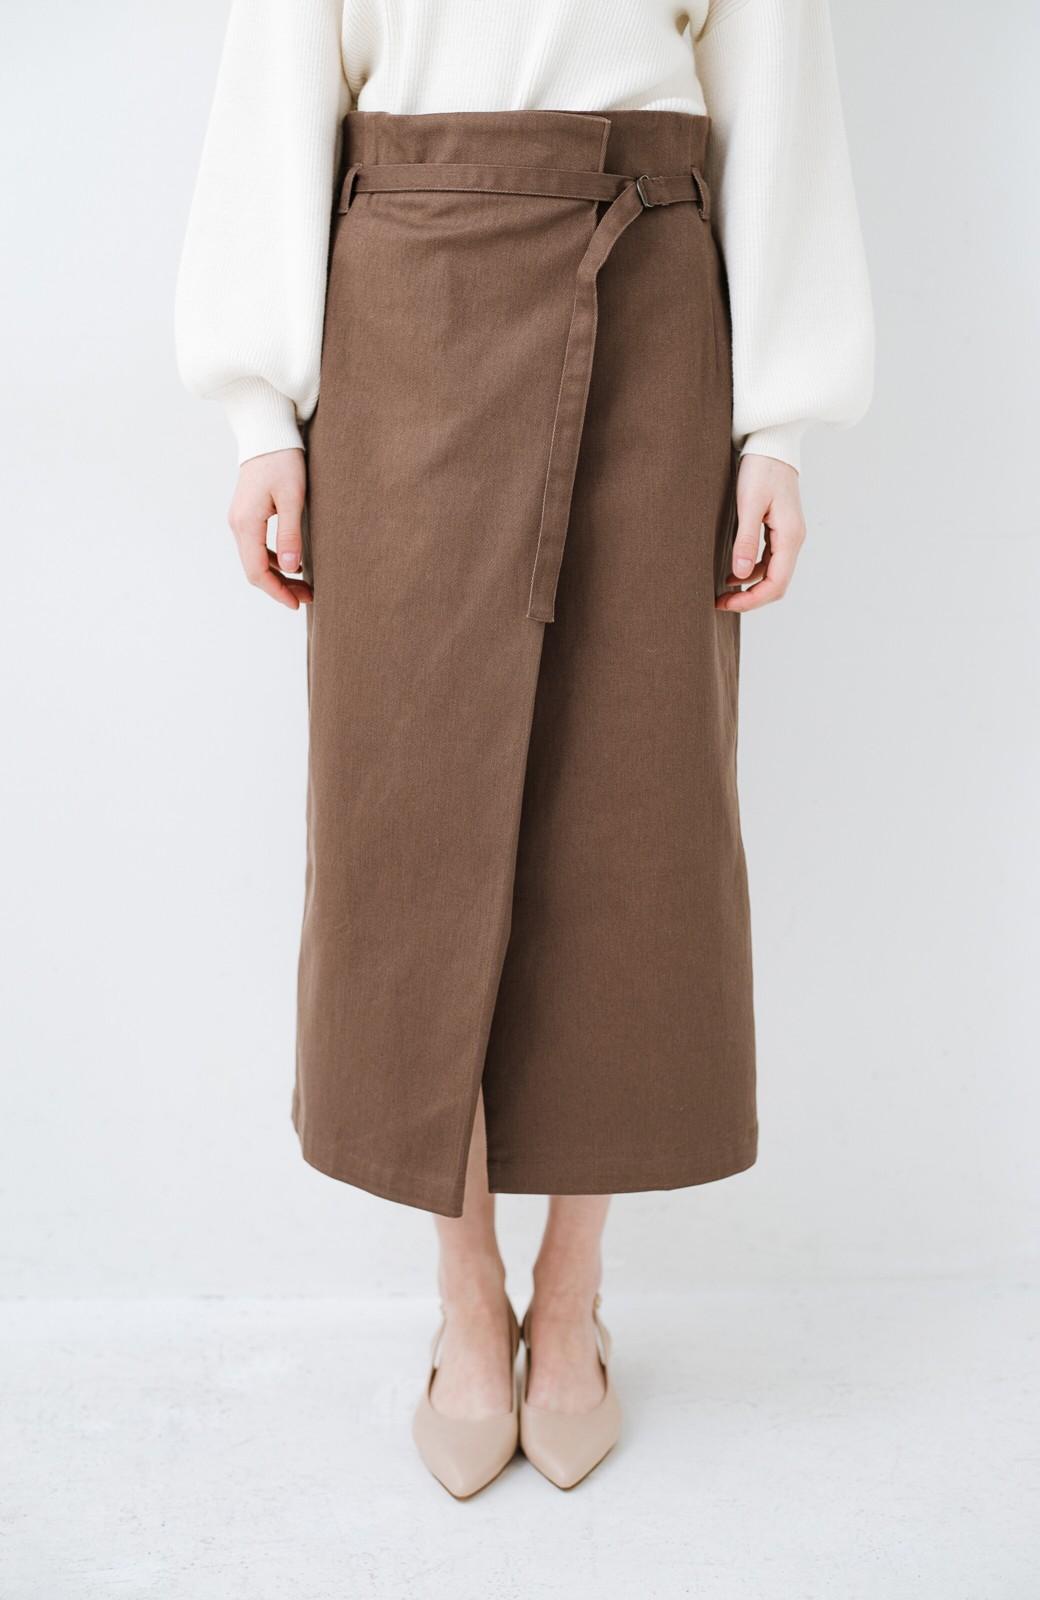 haco! 露出せずとも女っぽい すっきりシルエットが自慢のシンプルタイトスカート <ブラウン>の商品写真6